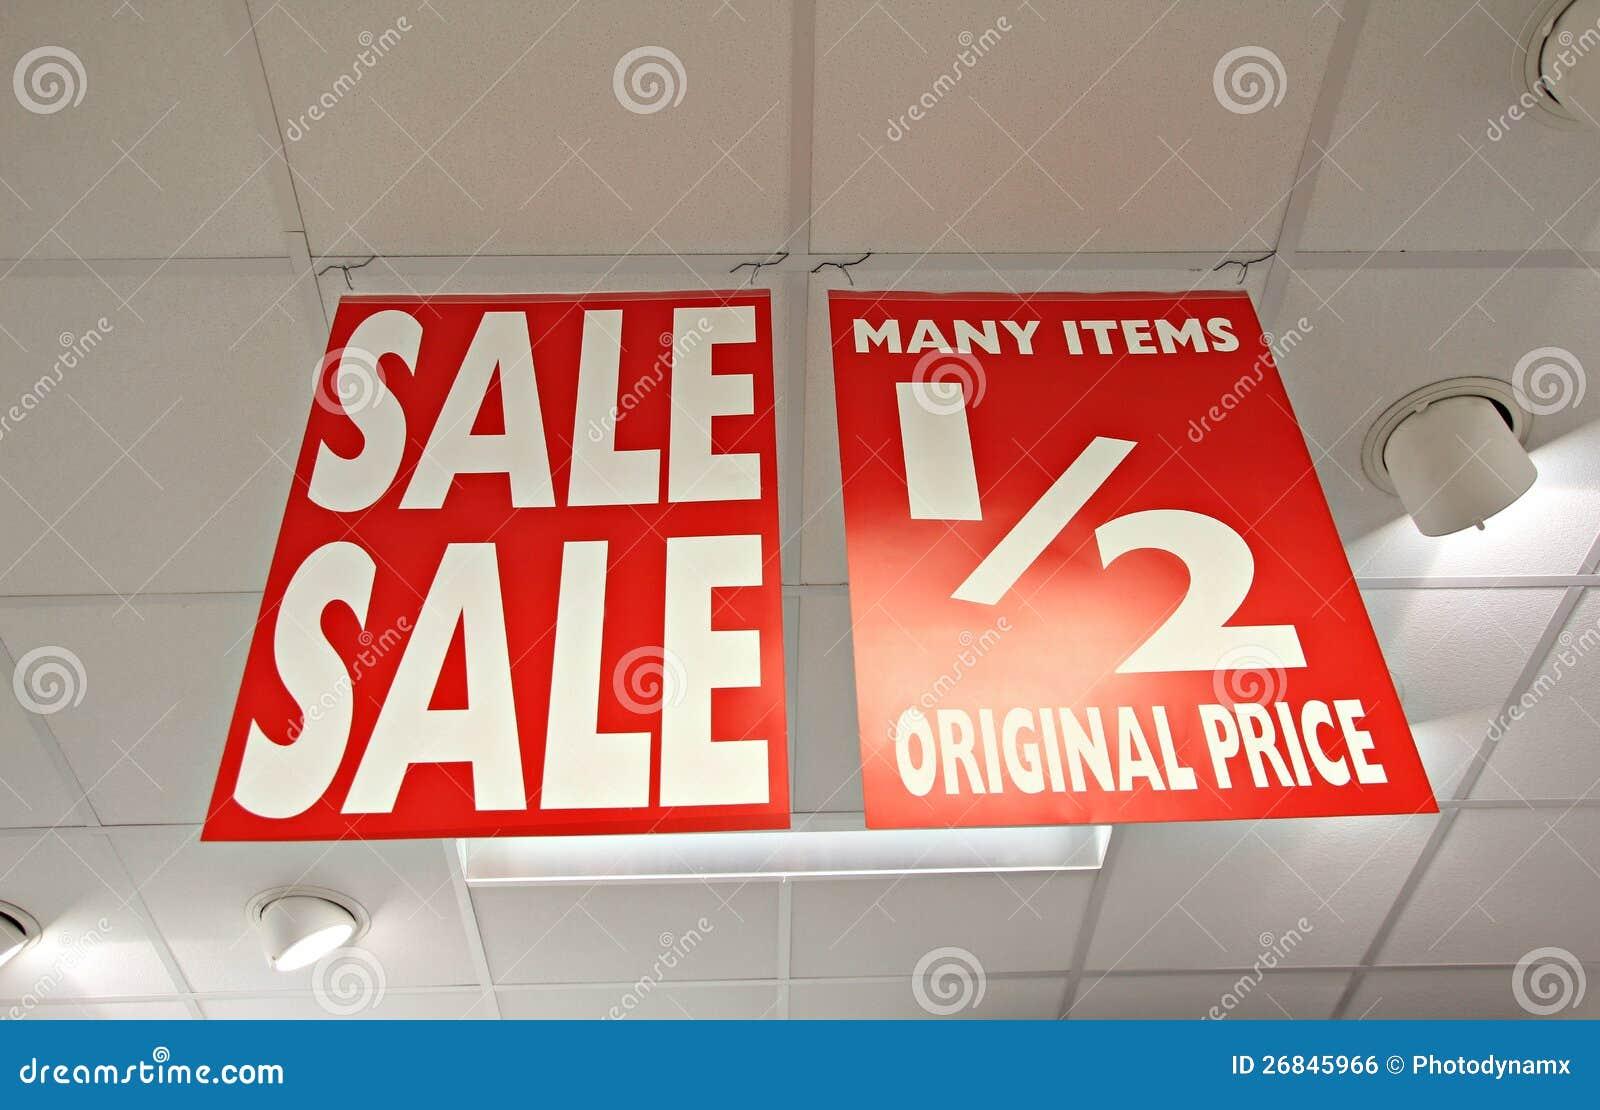 Μισά σημάδια καταστημάτων τιμών πώλησης